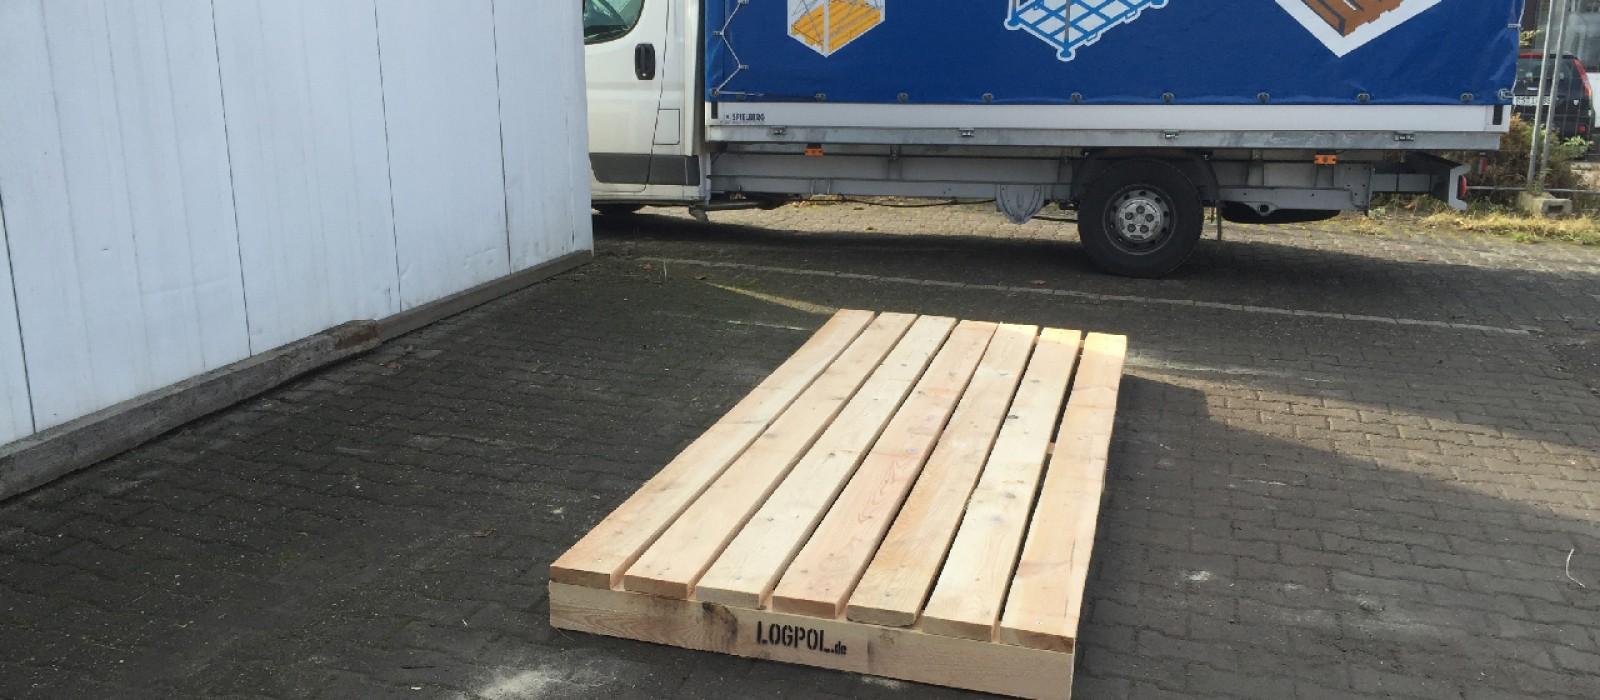 Holzpalette-mit-7-Deckbrettern